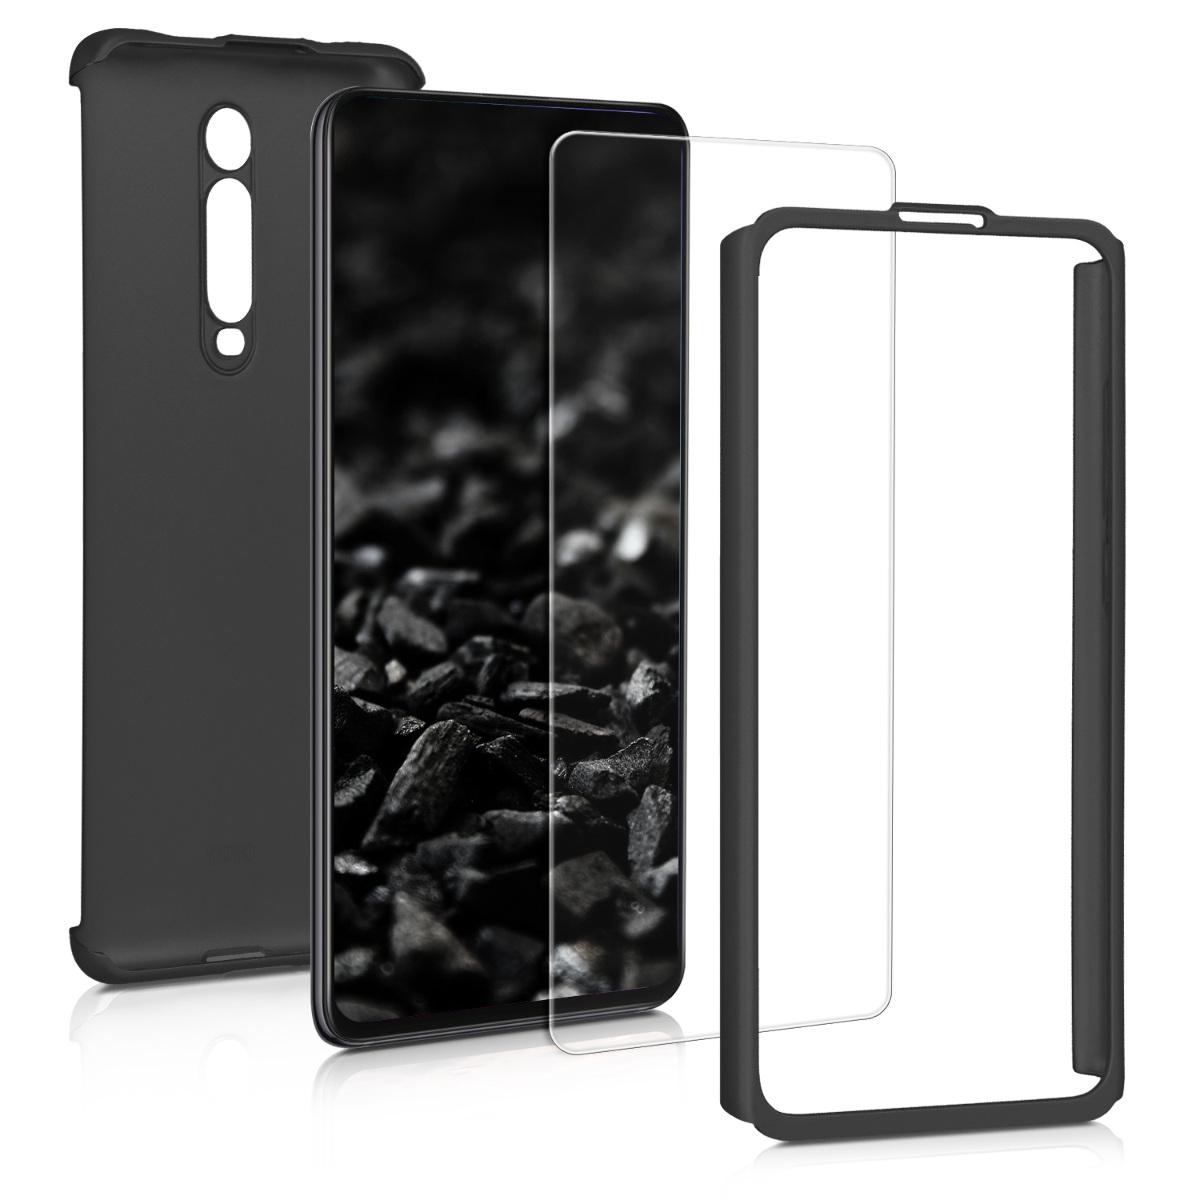 KW Θήκη Full Body Xiaomi Mi 9T / Redmi K20 Pro & Tempered Glass - Metallic Black (49226.68)